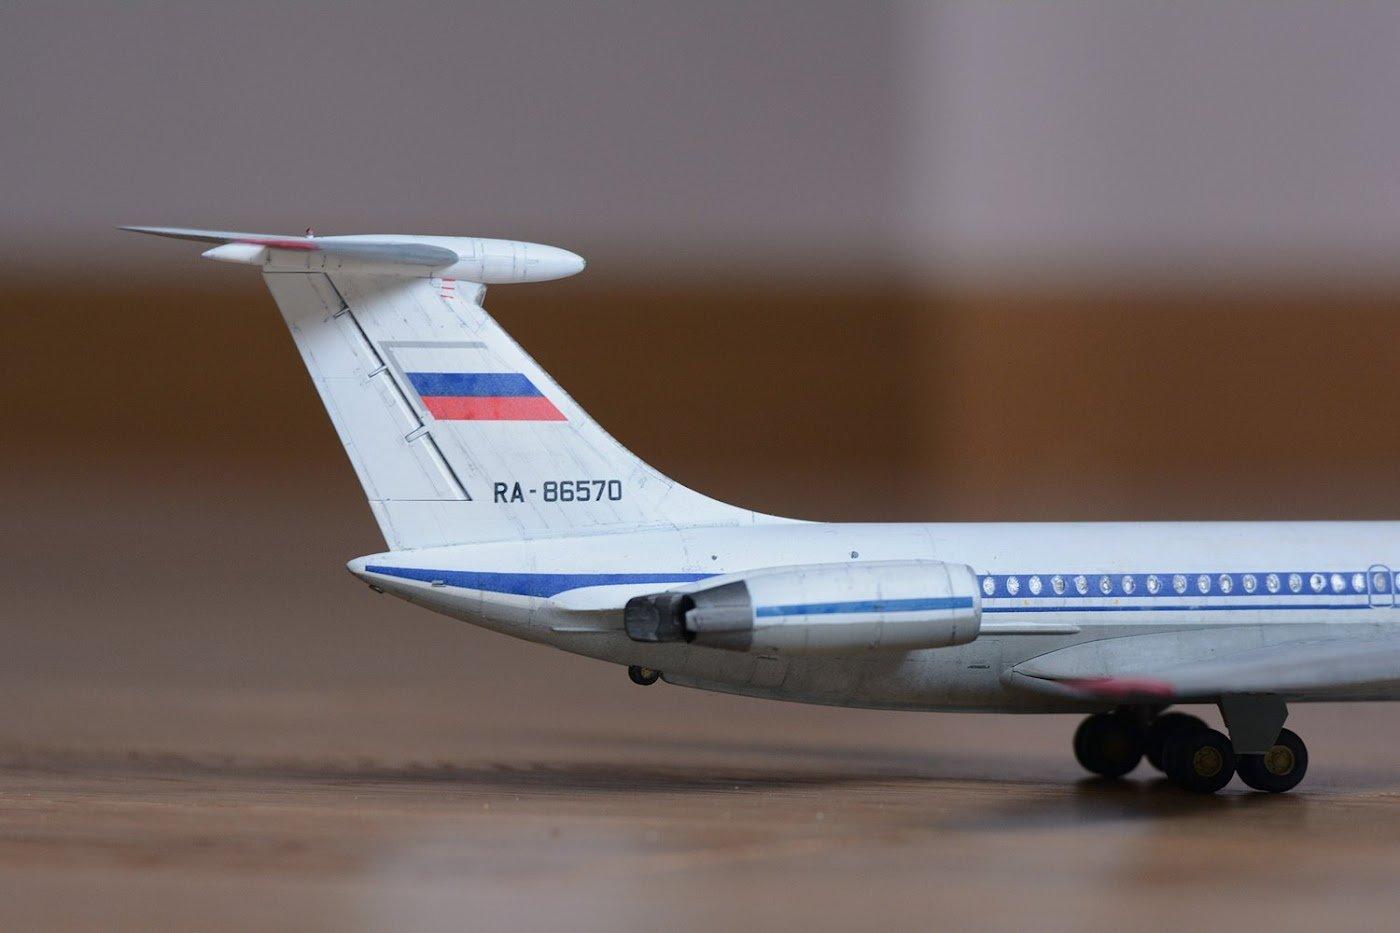 DC1_7956.jpg